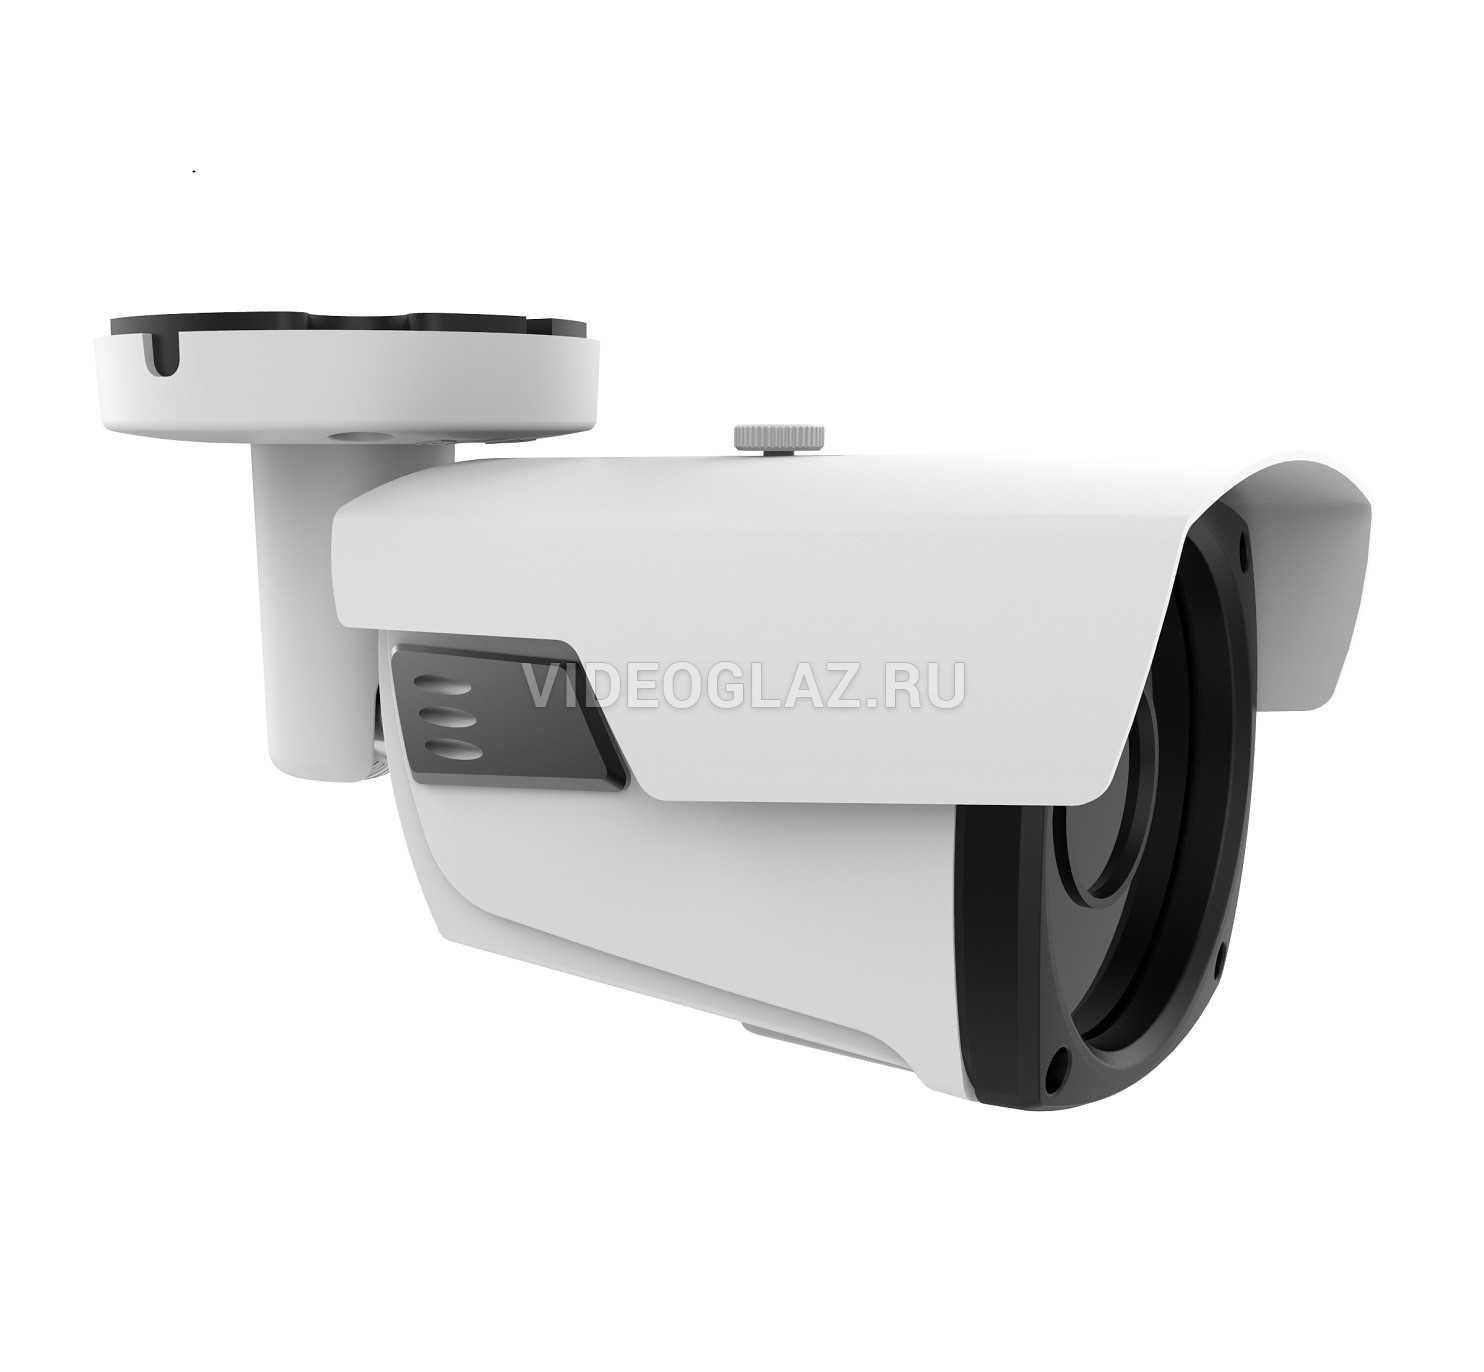 Видеокамера AltCam DCV52IR